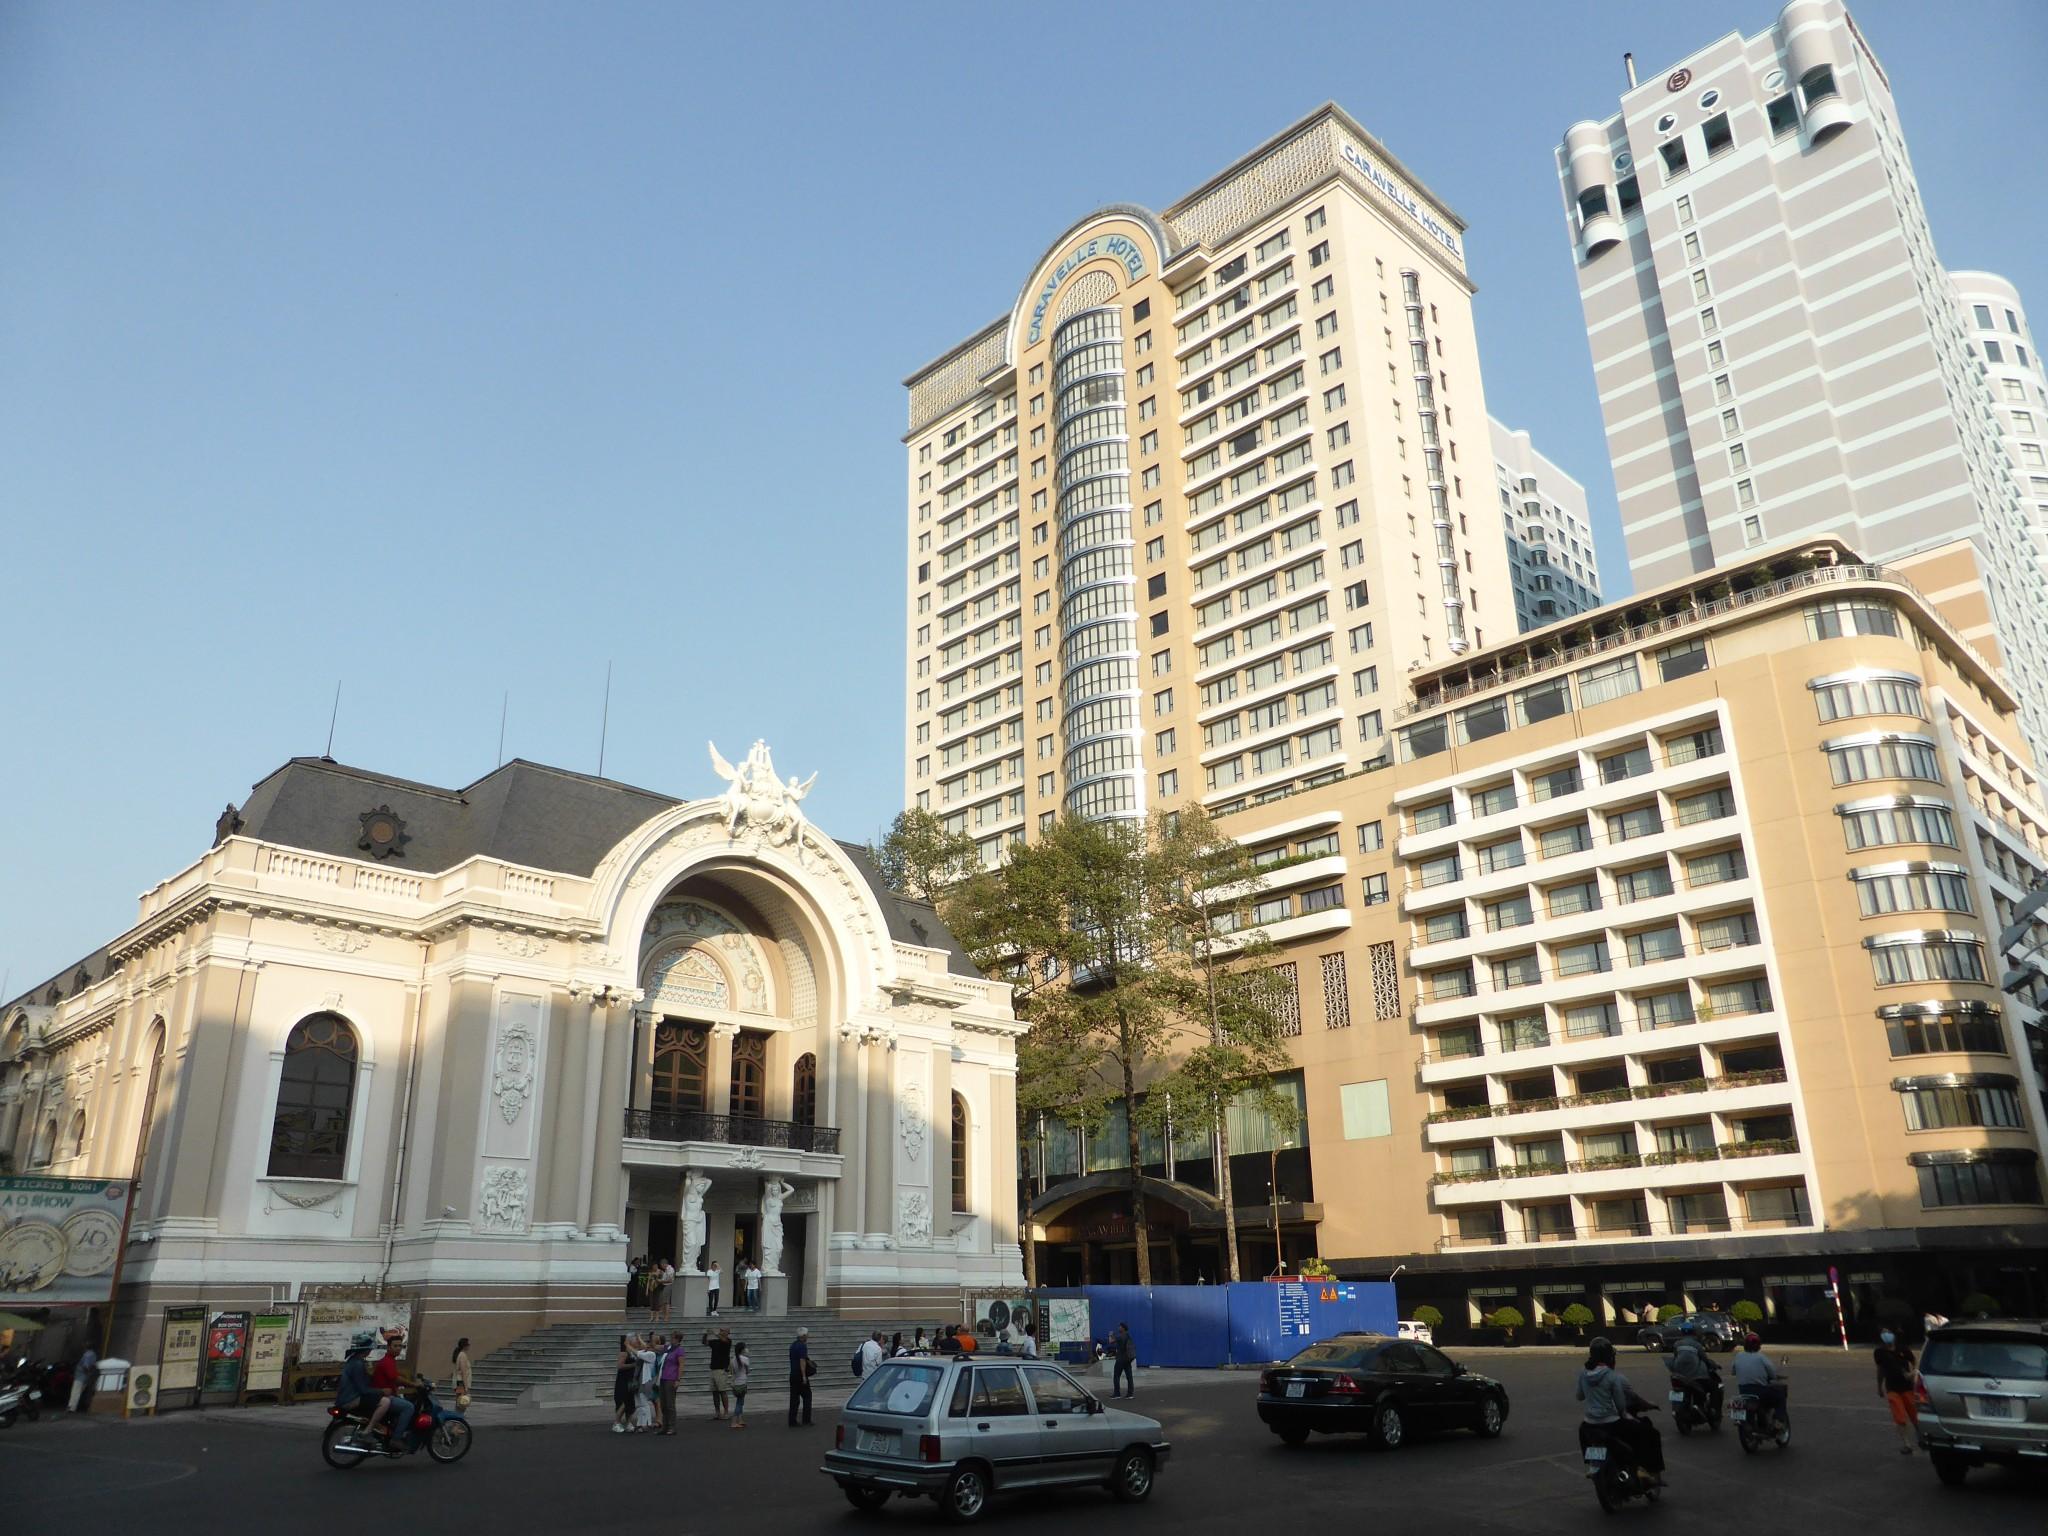 Opéra de Saigon